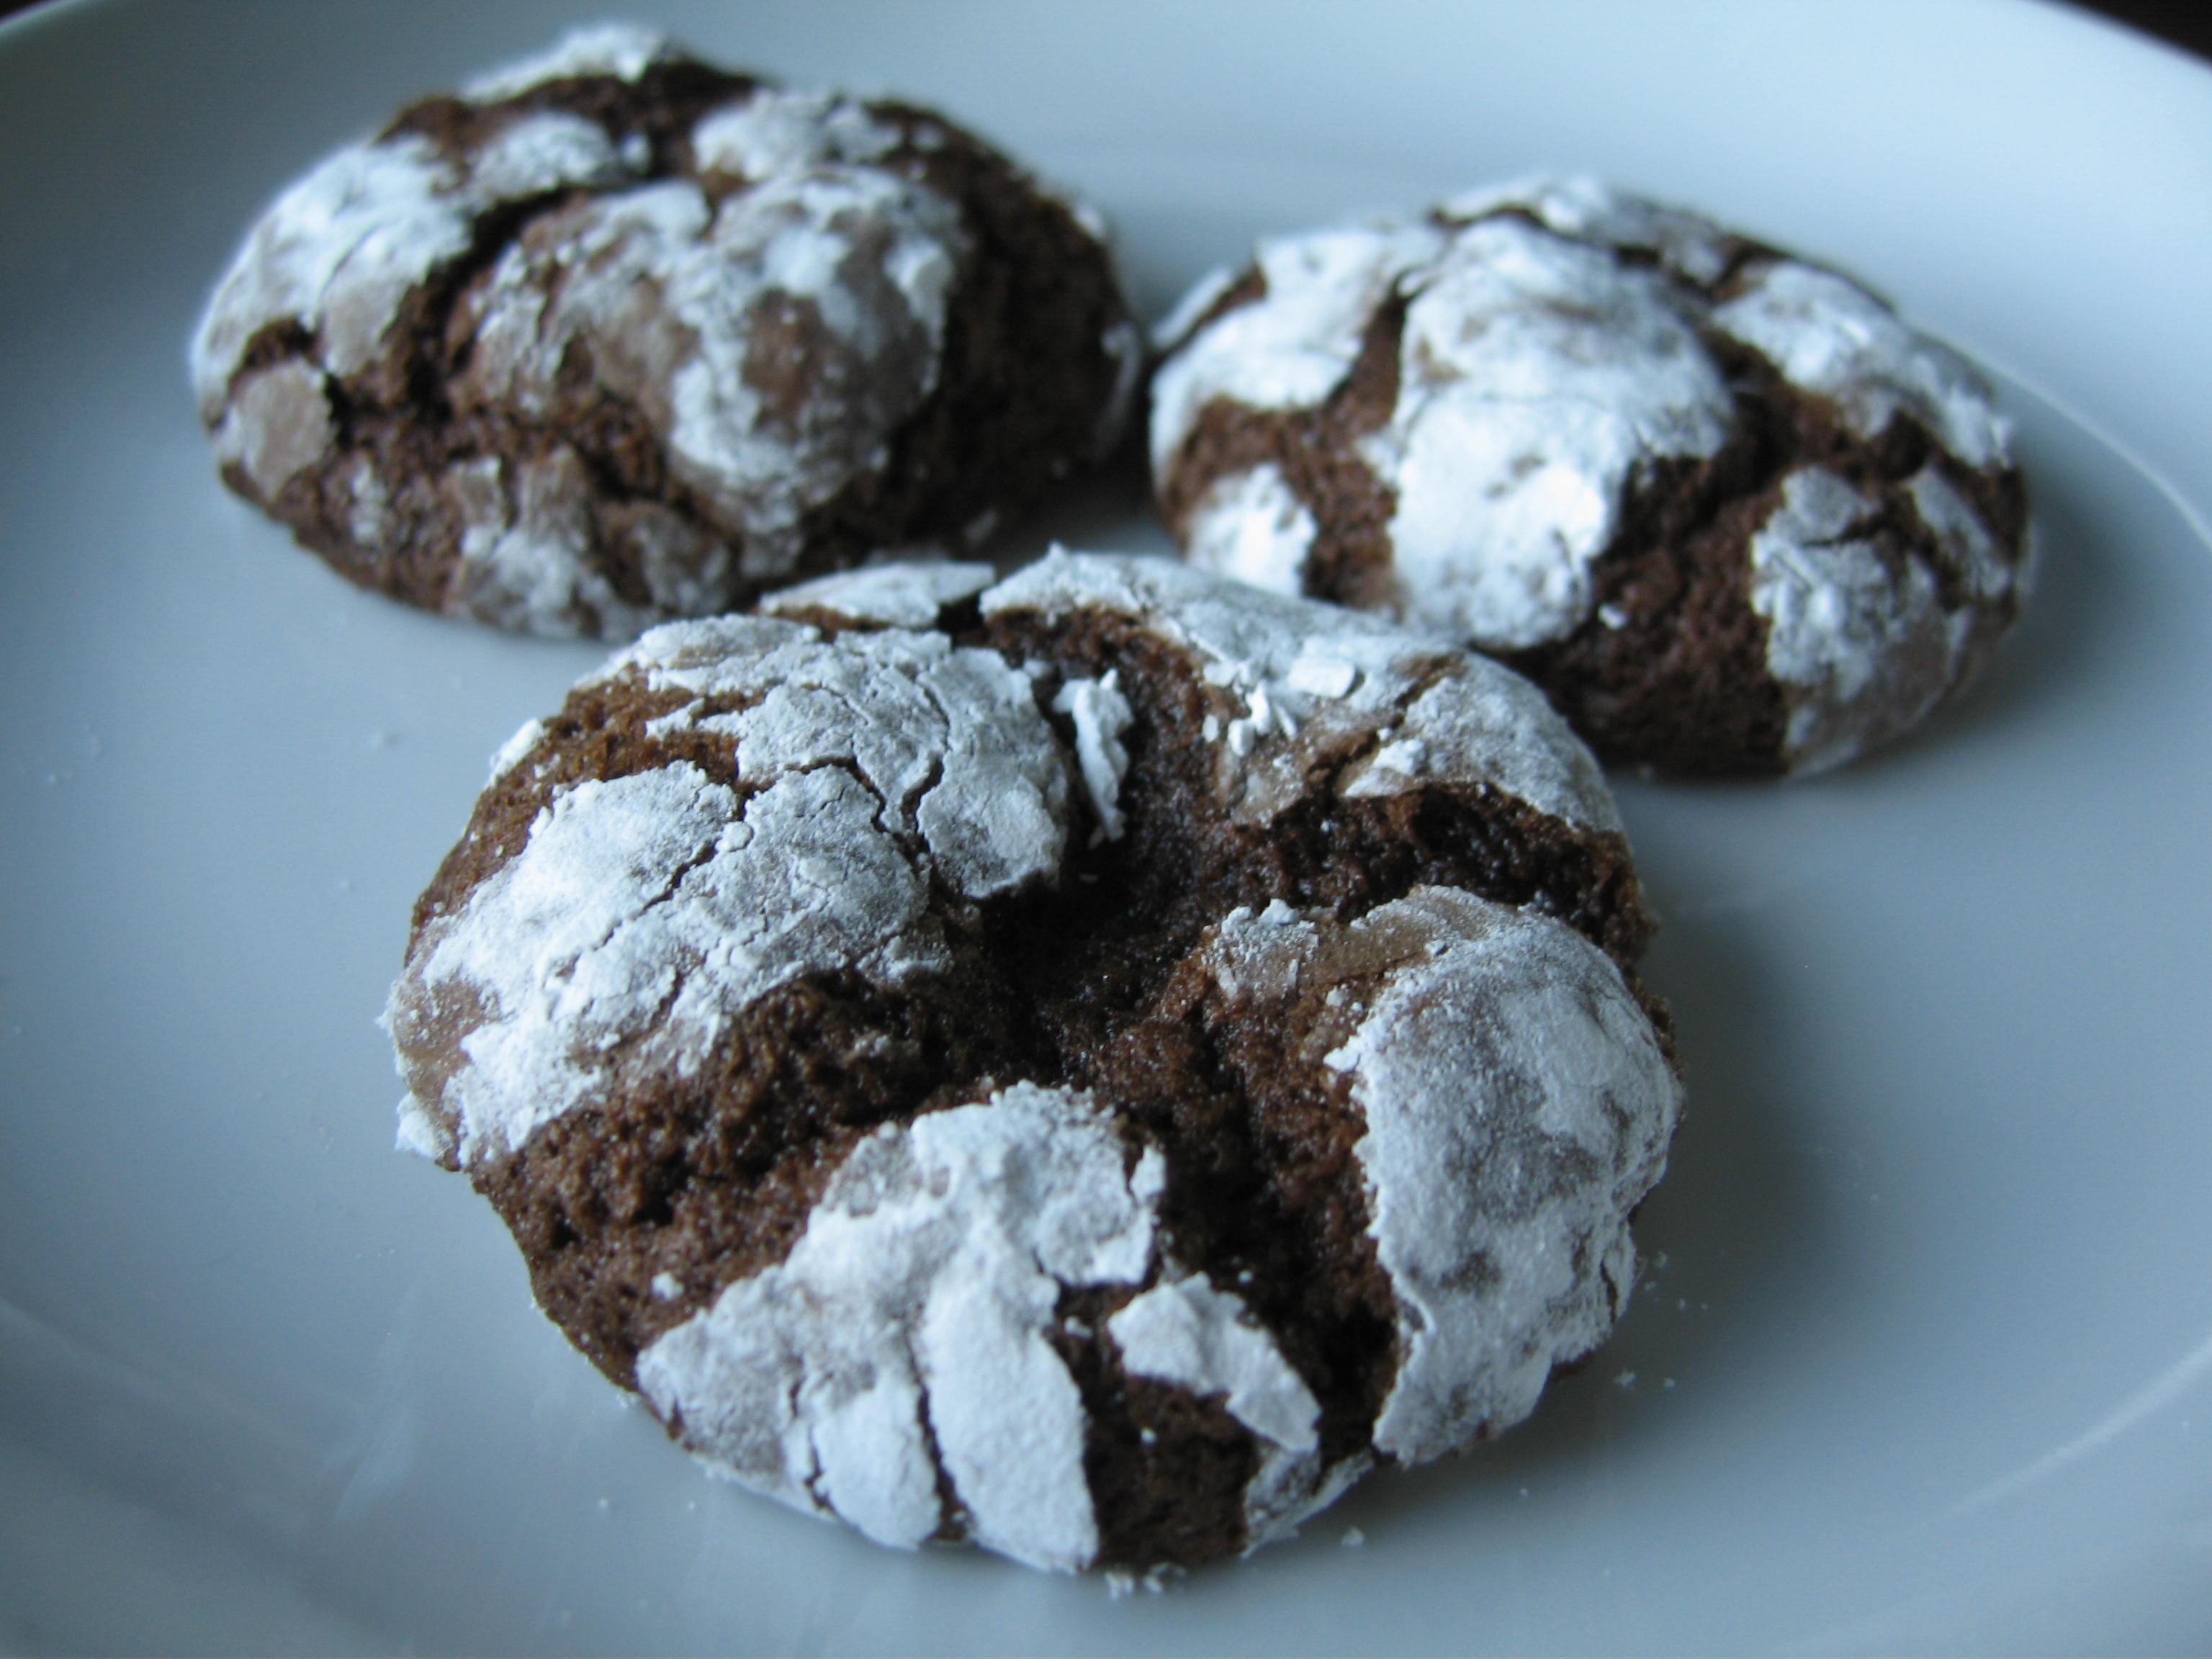 chocolate-crinkles-redo-009 - Unsay Akong Gikaon Karon? - Anonymous Diary Blog